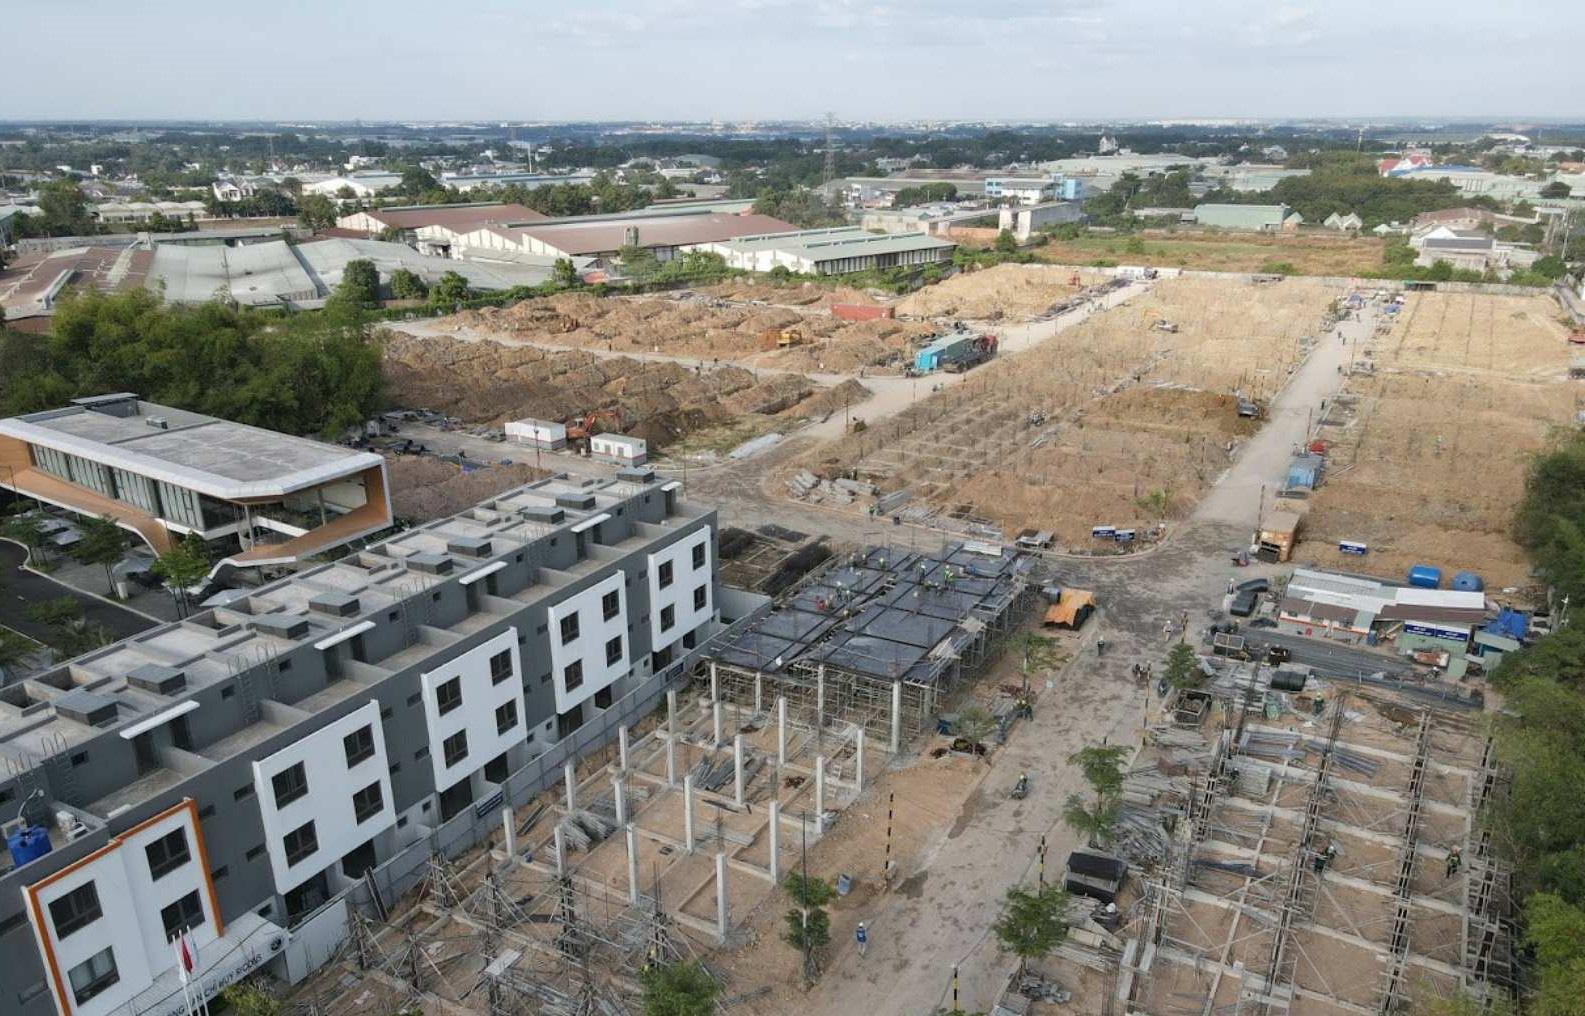 Giới đầu tư khôn ngoan tìm chiến lược trong bối cảnh giá nhà đất tăng mạnh - Ảnh 1.